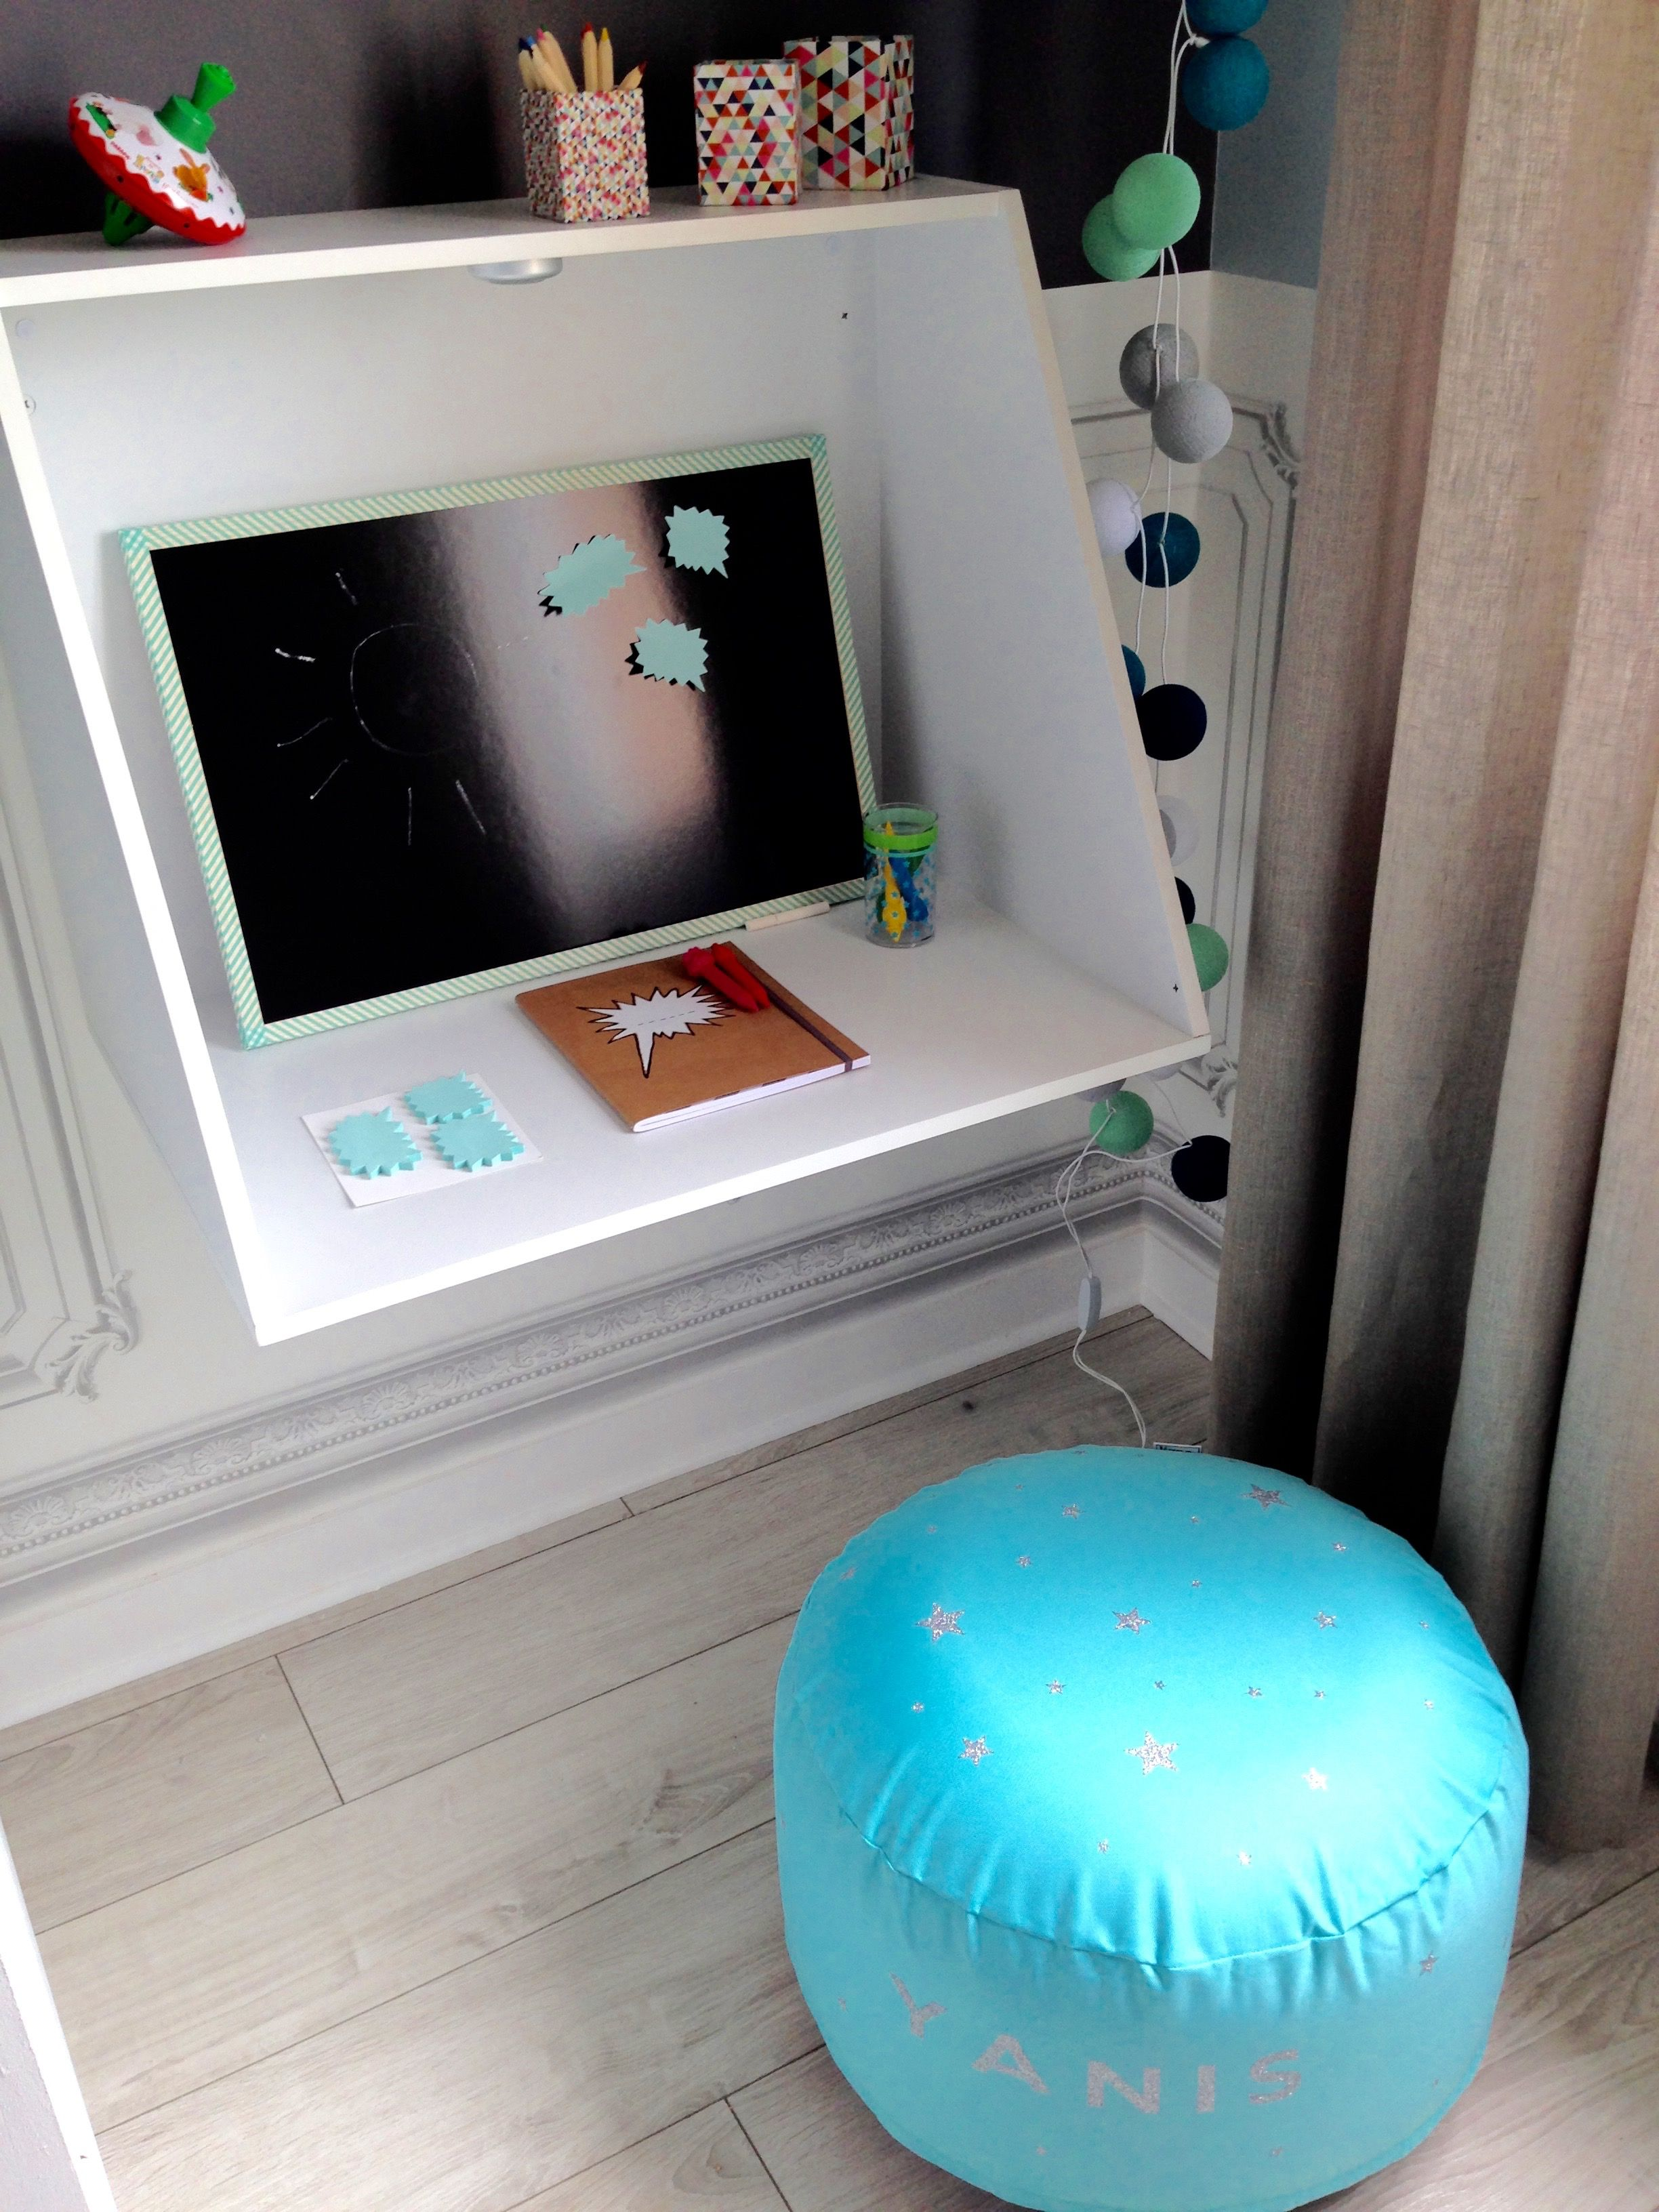 tuto transformation d 39 une commode en bureau suspendu l 39 atelier d co france 2 appart. Black Bedroom Furniture Sets. Home Design Ideas